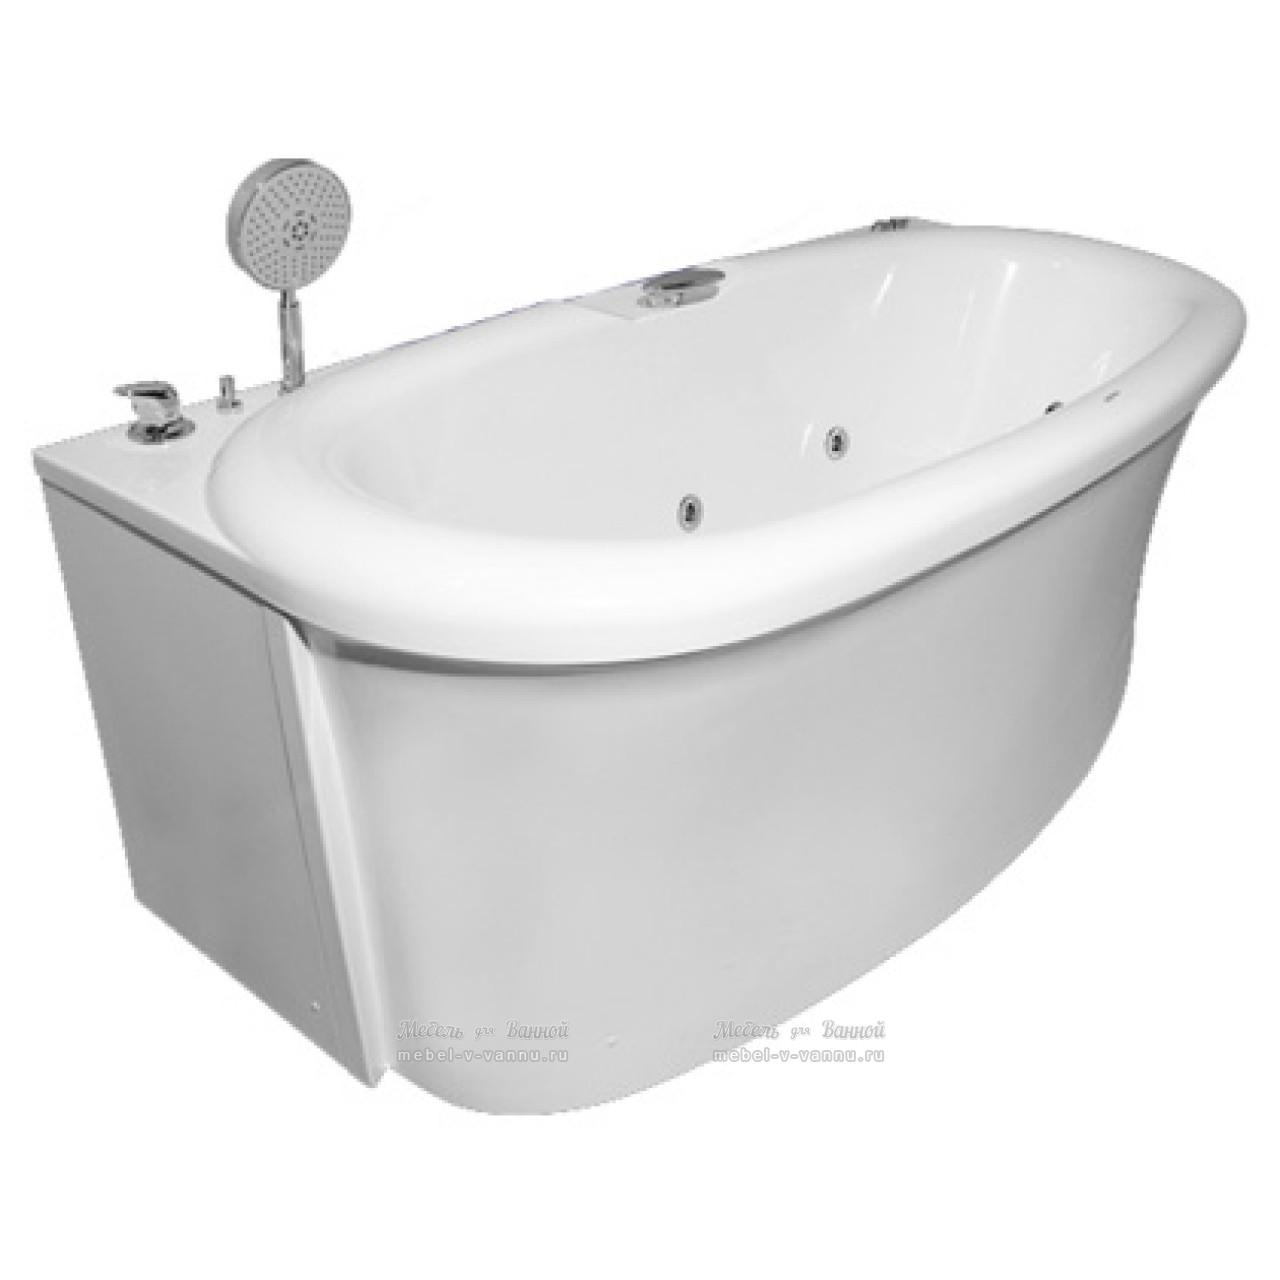 Акриловая ванна Акватика Скульптура Basic190x90x68 купить в Москве по цене от 58390р. в интернет-магазине mebel-v-vannu.ru